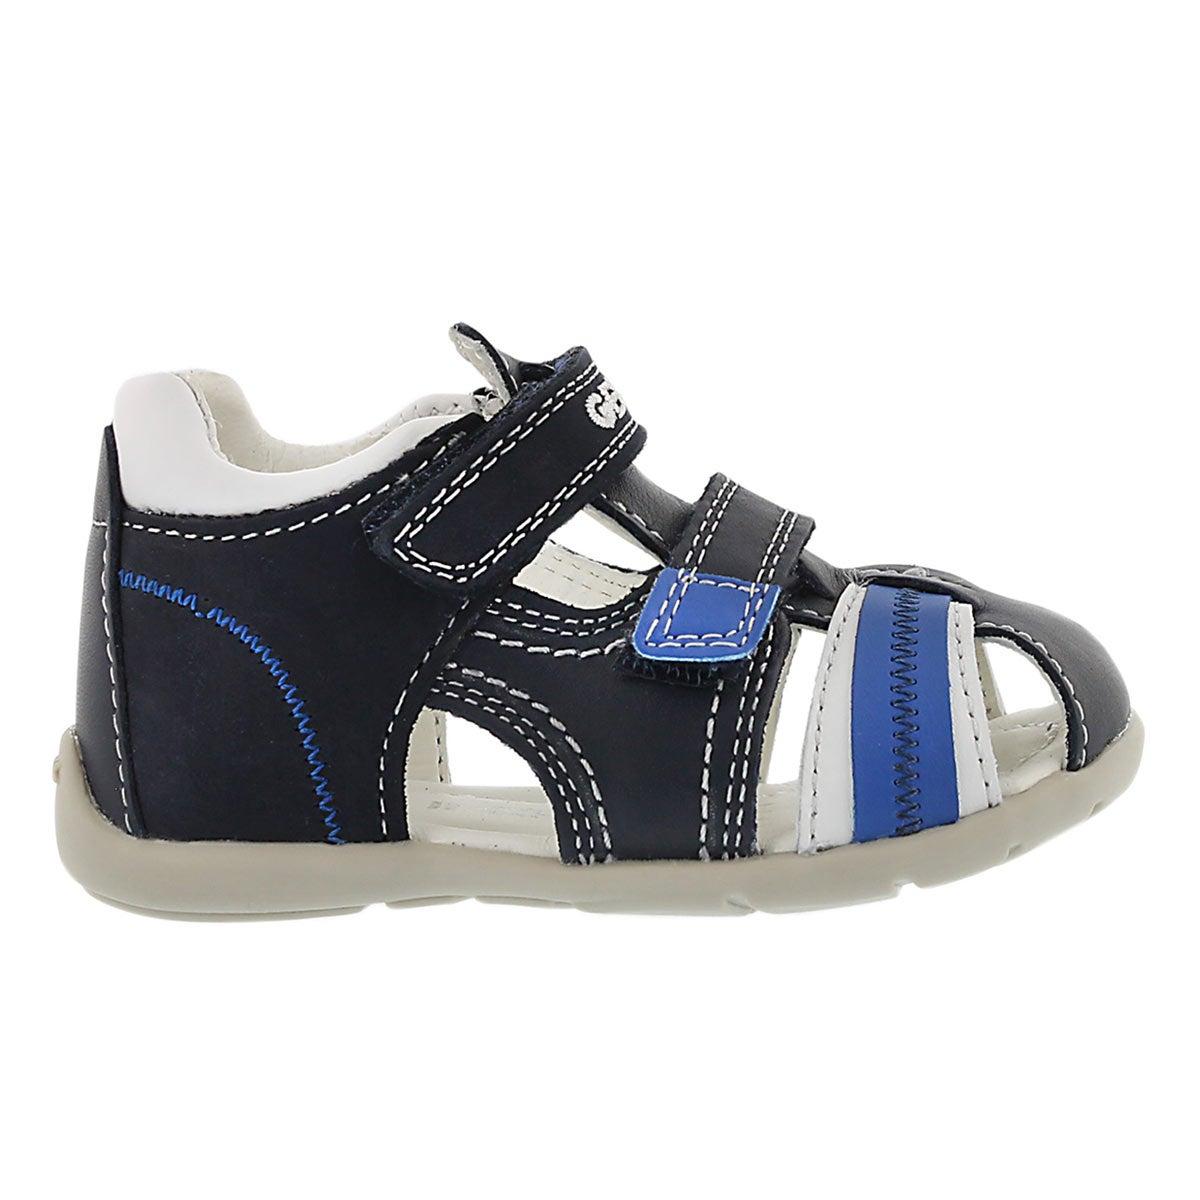 Sandale p�cheur Kaytan, marine/blc, b�b�